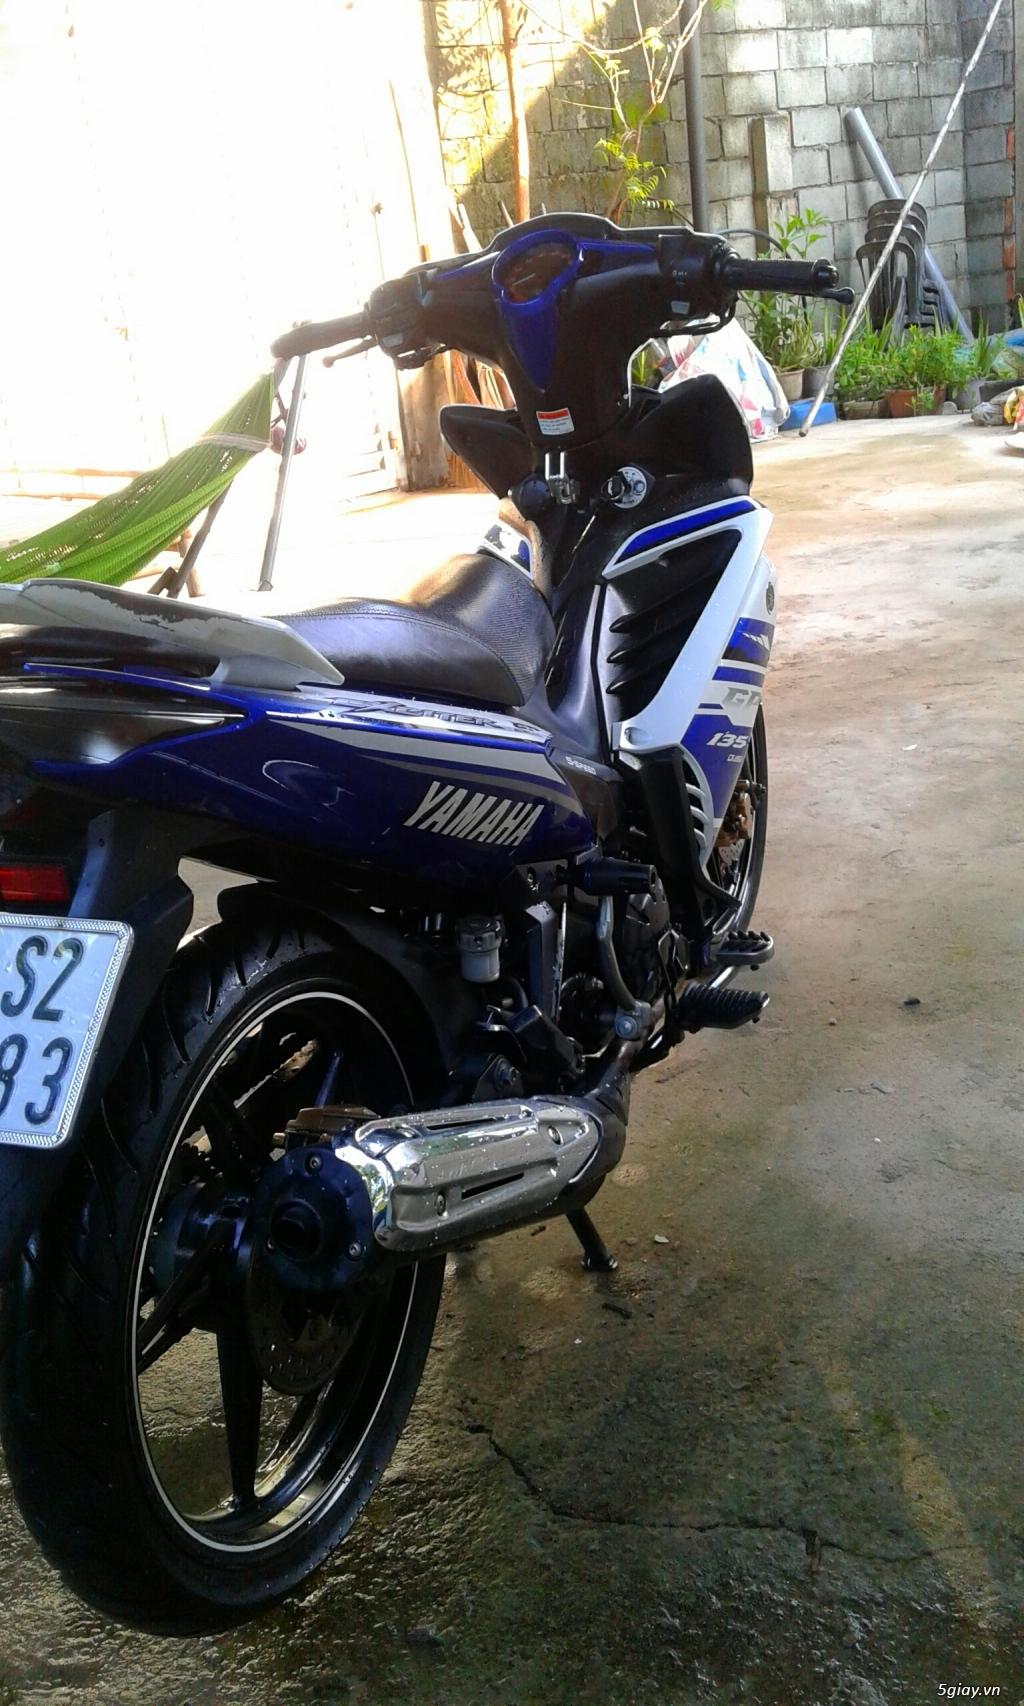 Ex 2014 trắng xanh GP bstp chinh chủ - 2